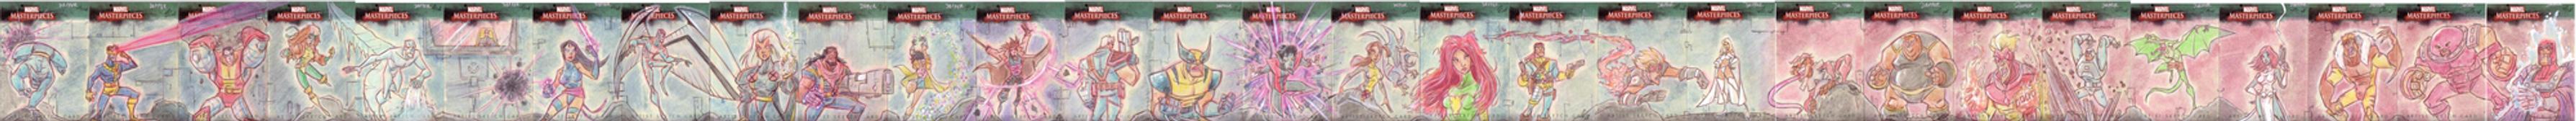 Marvel Masterpiece - Danger by DanSchoening